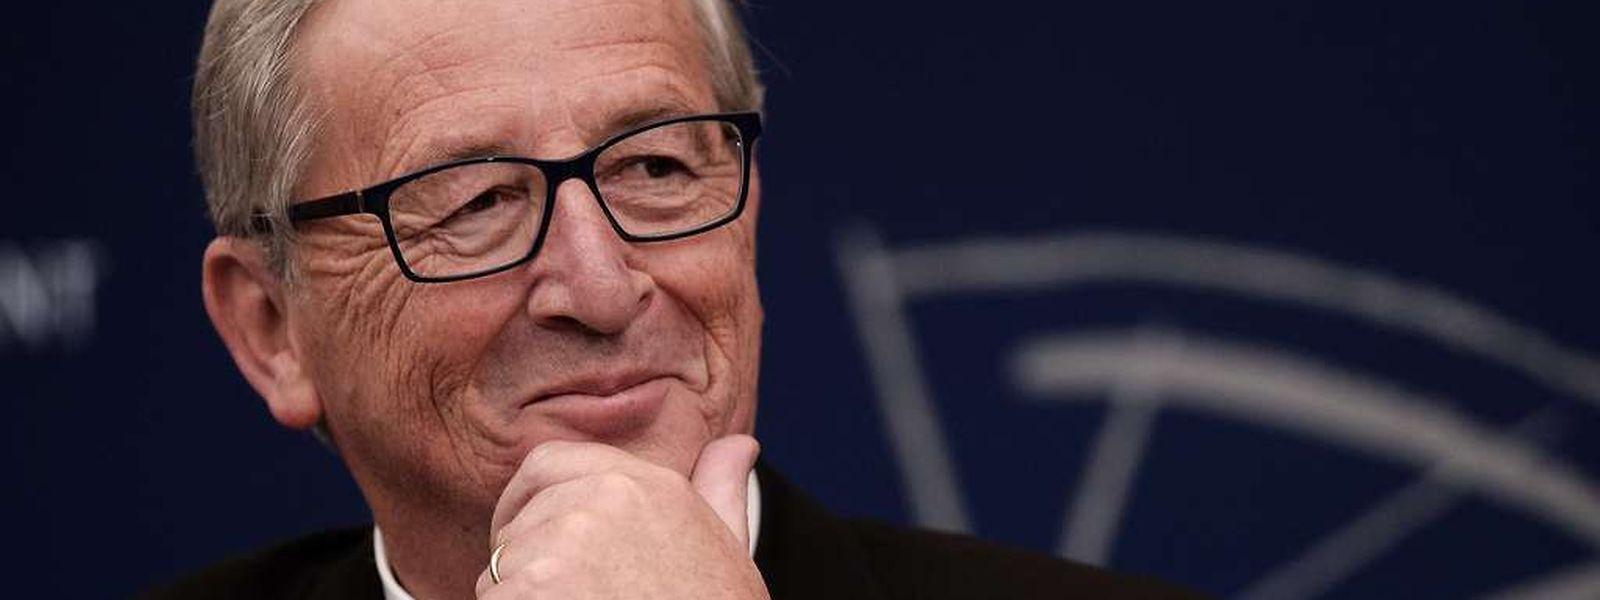 Der langjährige Premierminister und amtierender EU-Kommissionspräsident Jean-Claude Juncker wird am Dienstag 60 Jahre alt.